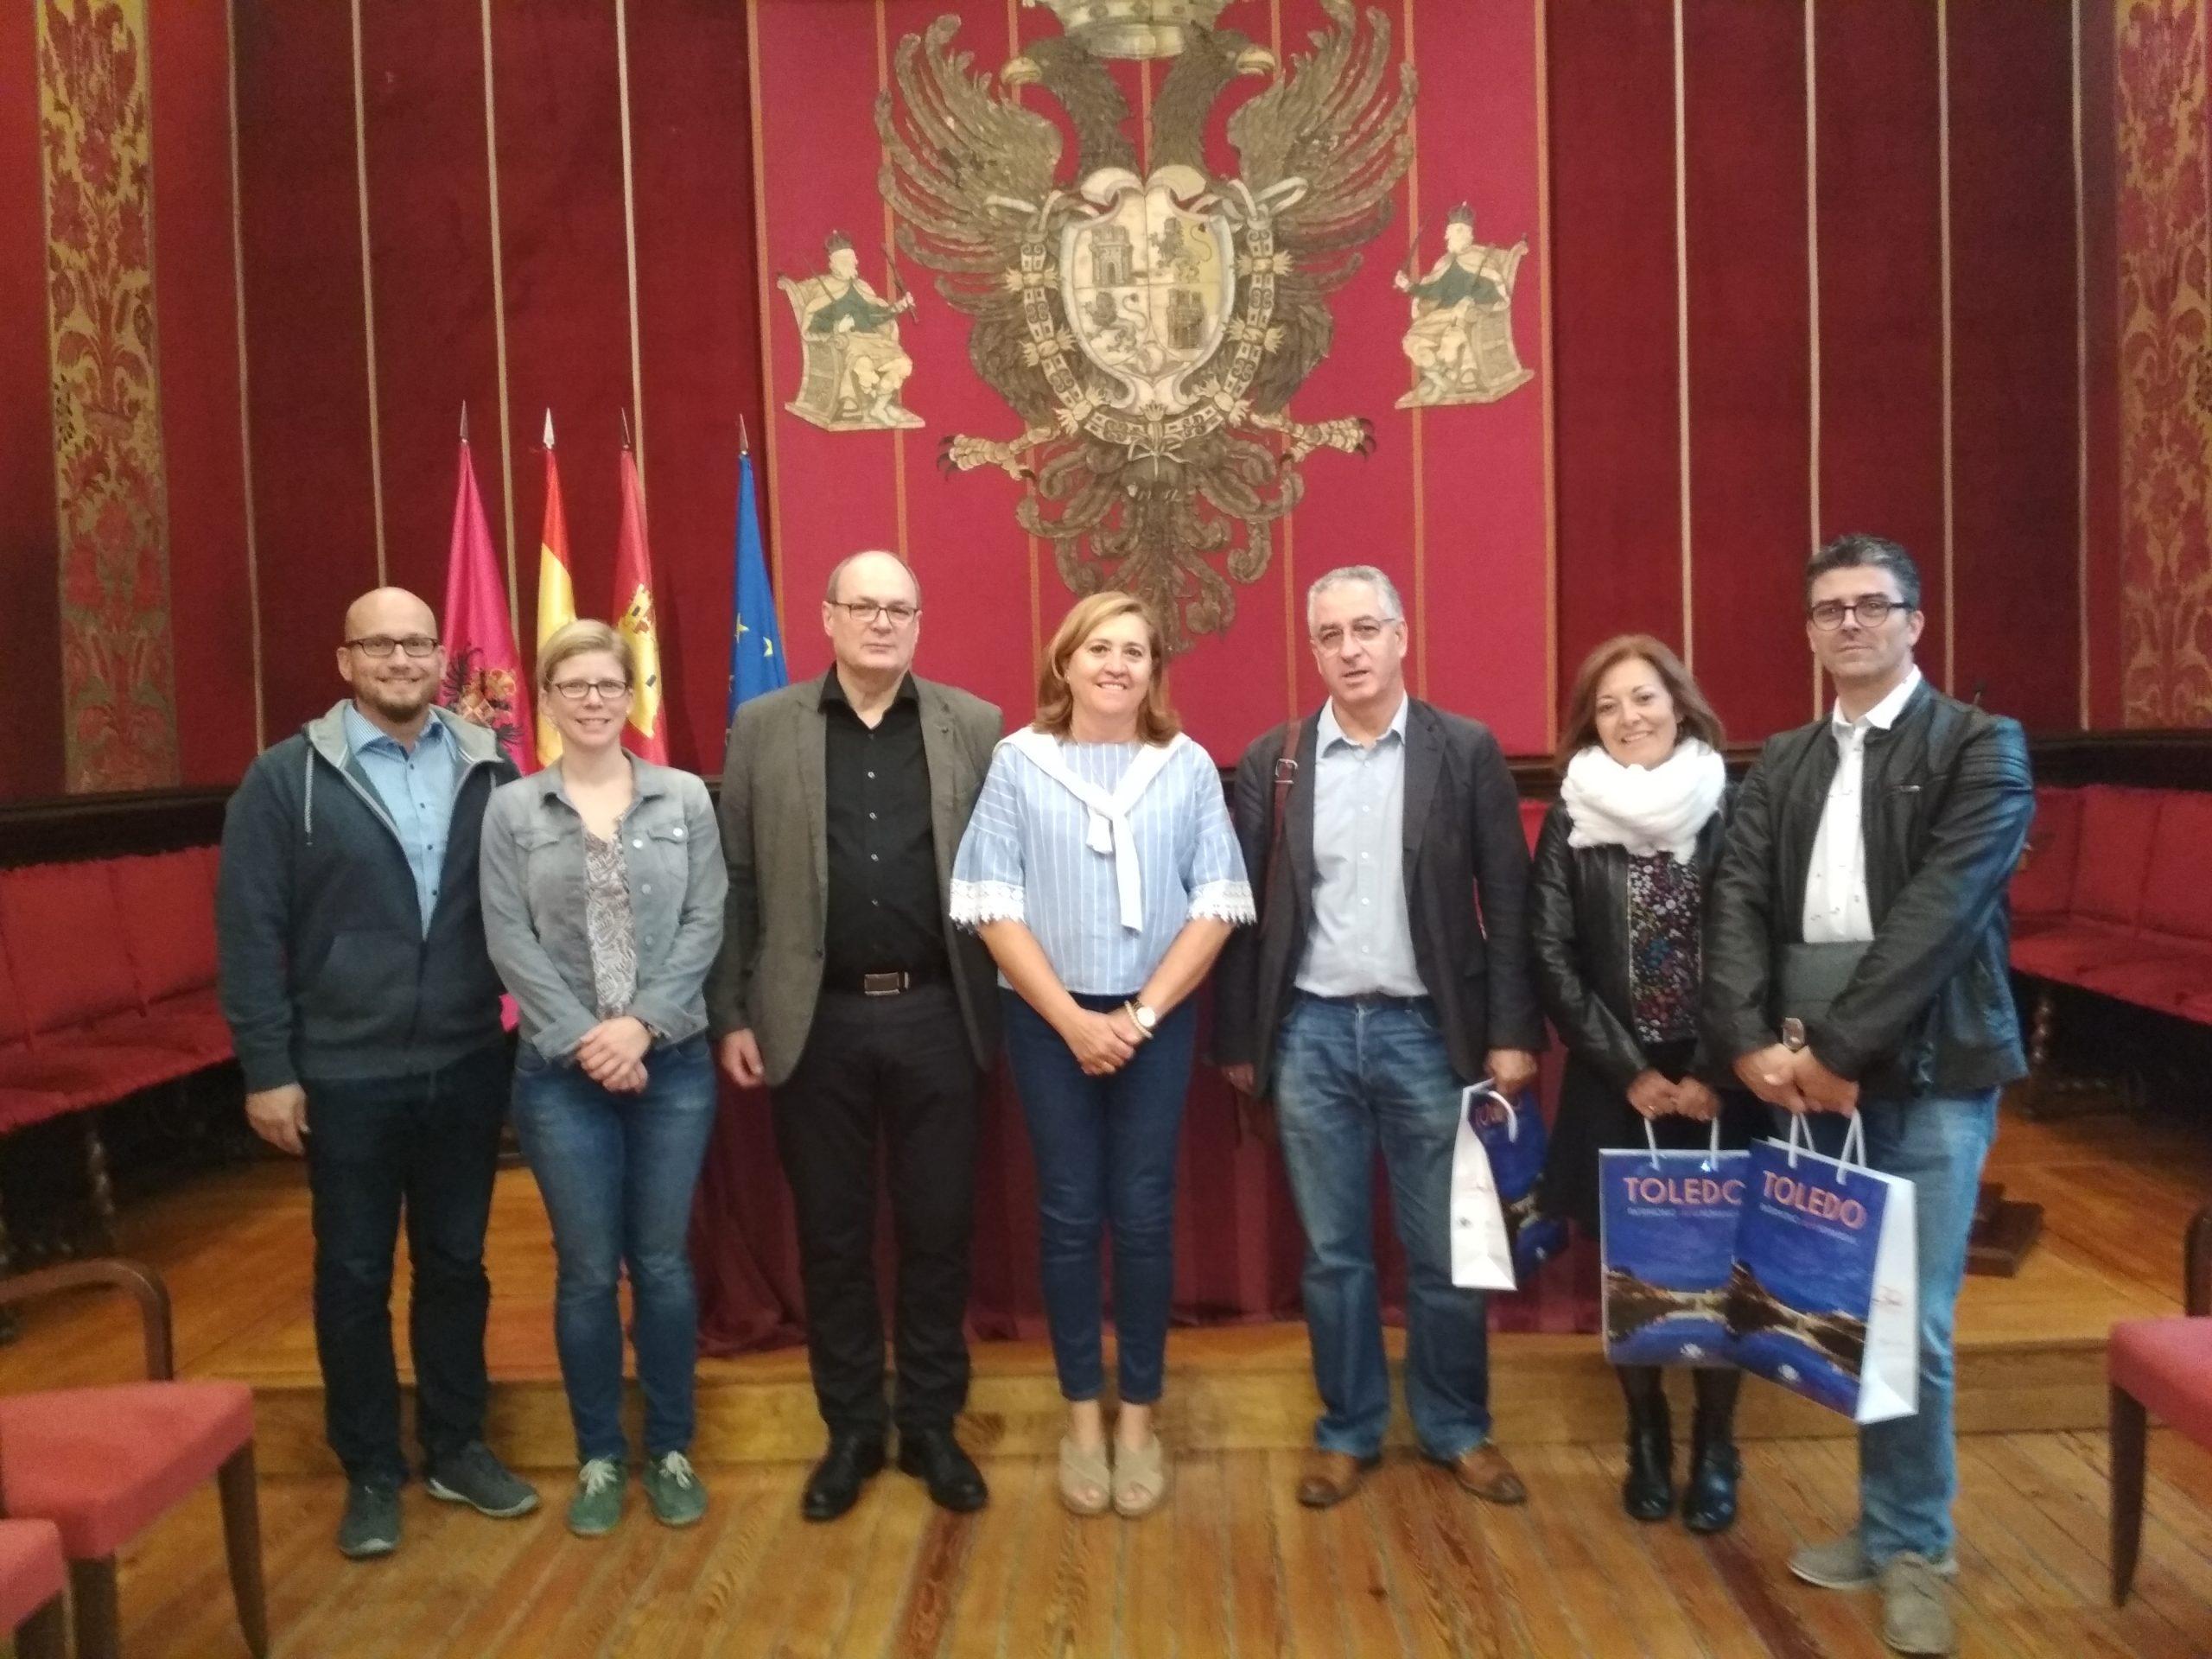 DEFRESBURG en el ayuntamiento de Toledo